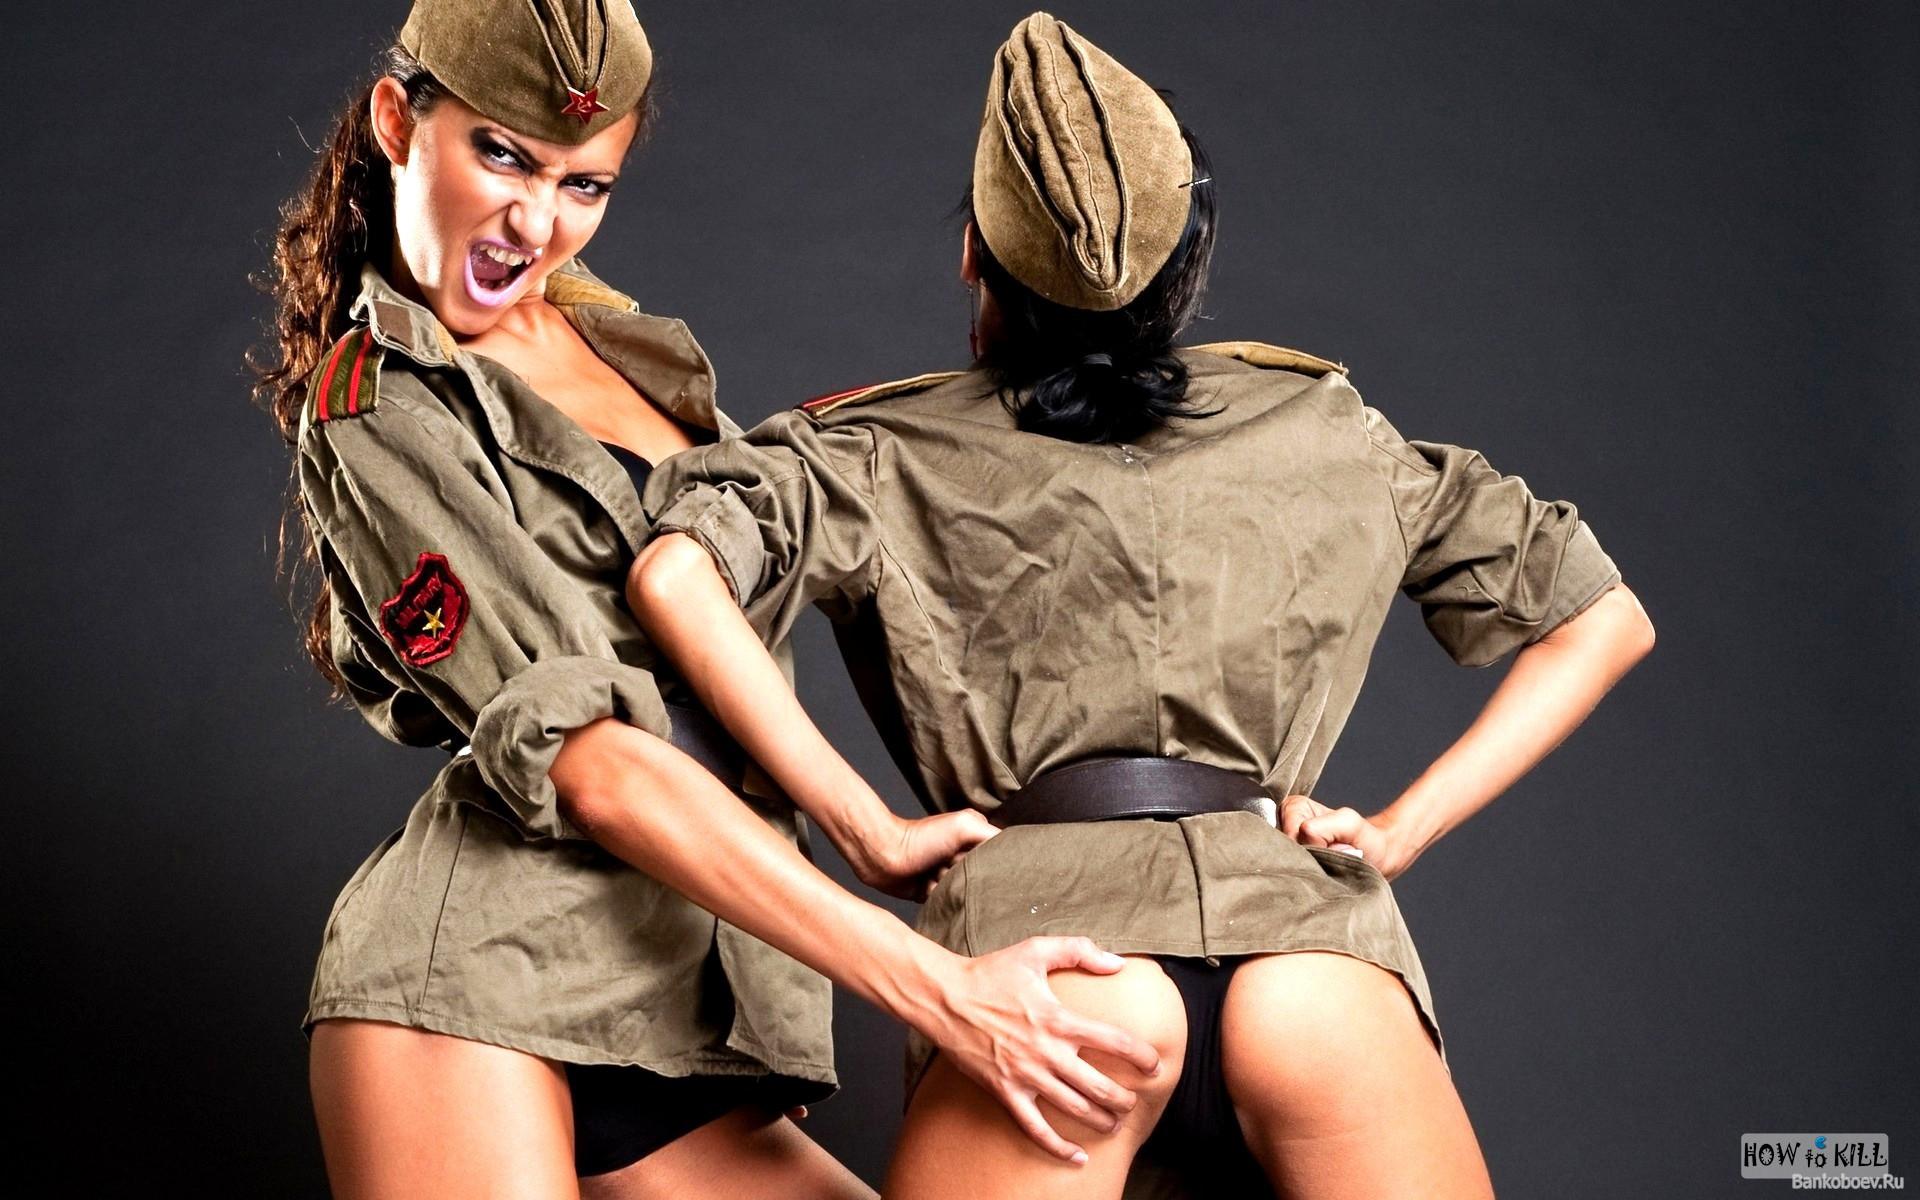 Фото голых парней в военной форме 15 фотография